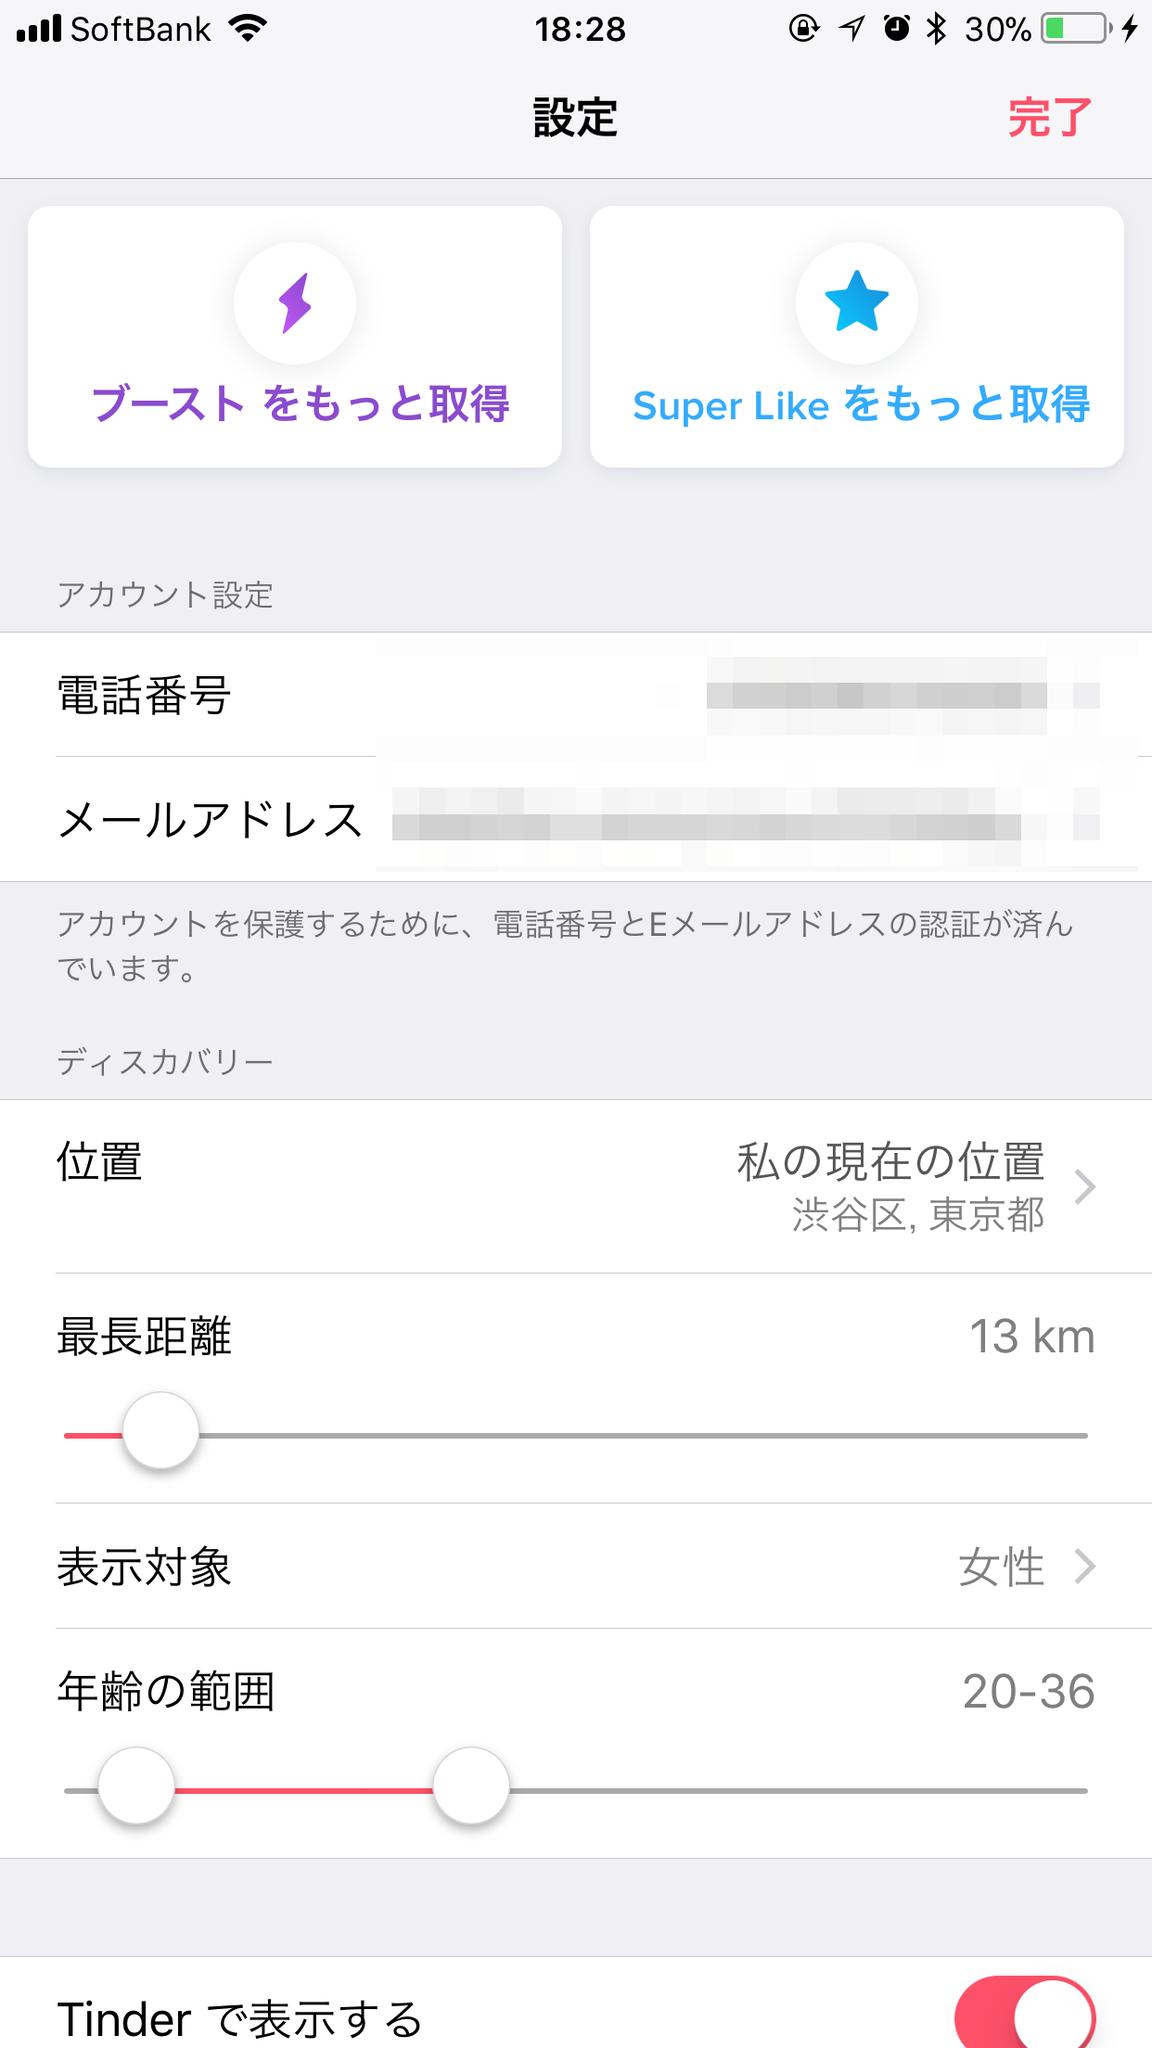 Tinder(ティンダー) 距離位置情報の設定